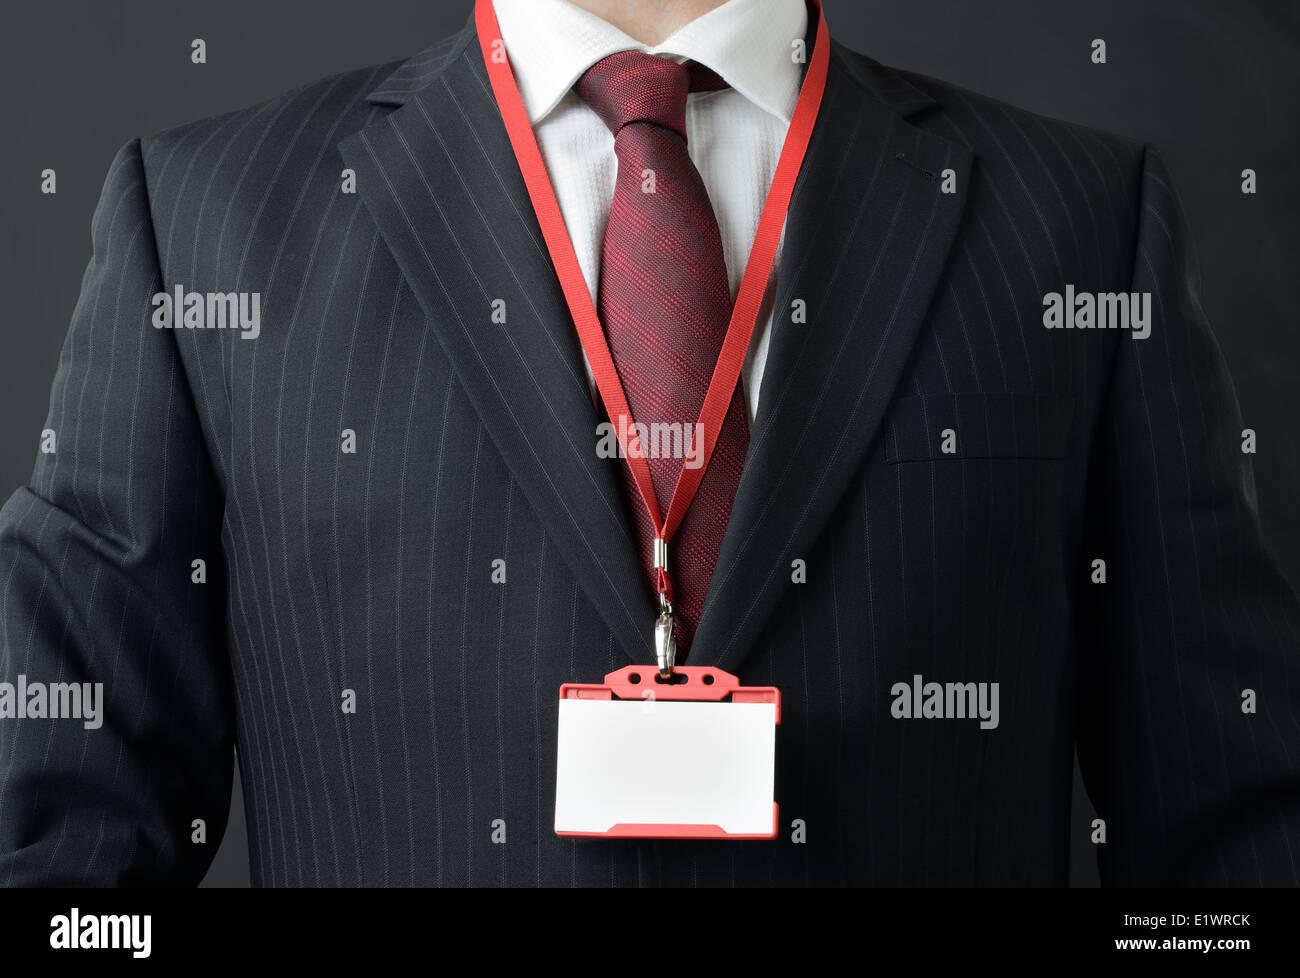 Mann im Anzug zeigt Id oder Name badge Stockfoto